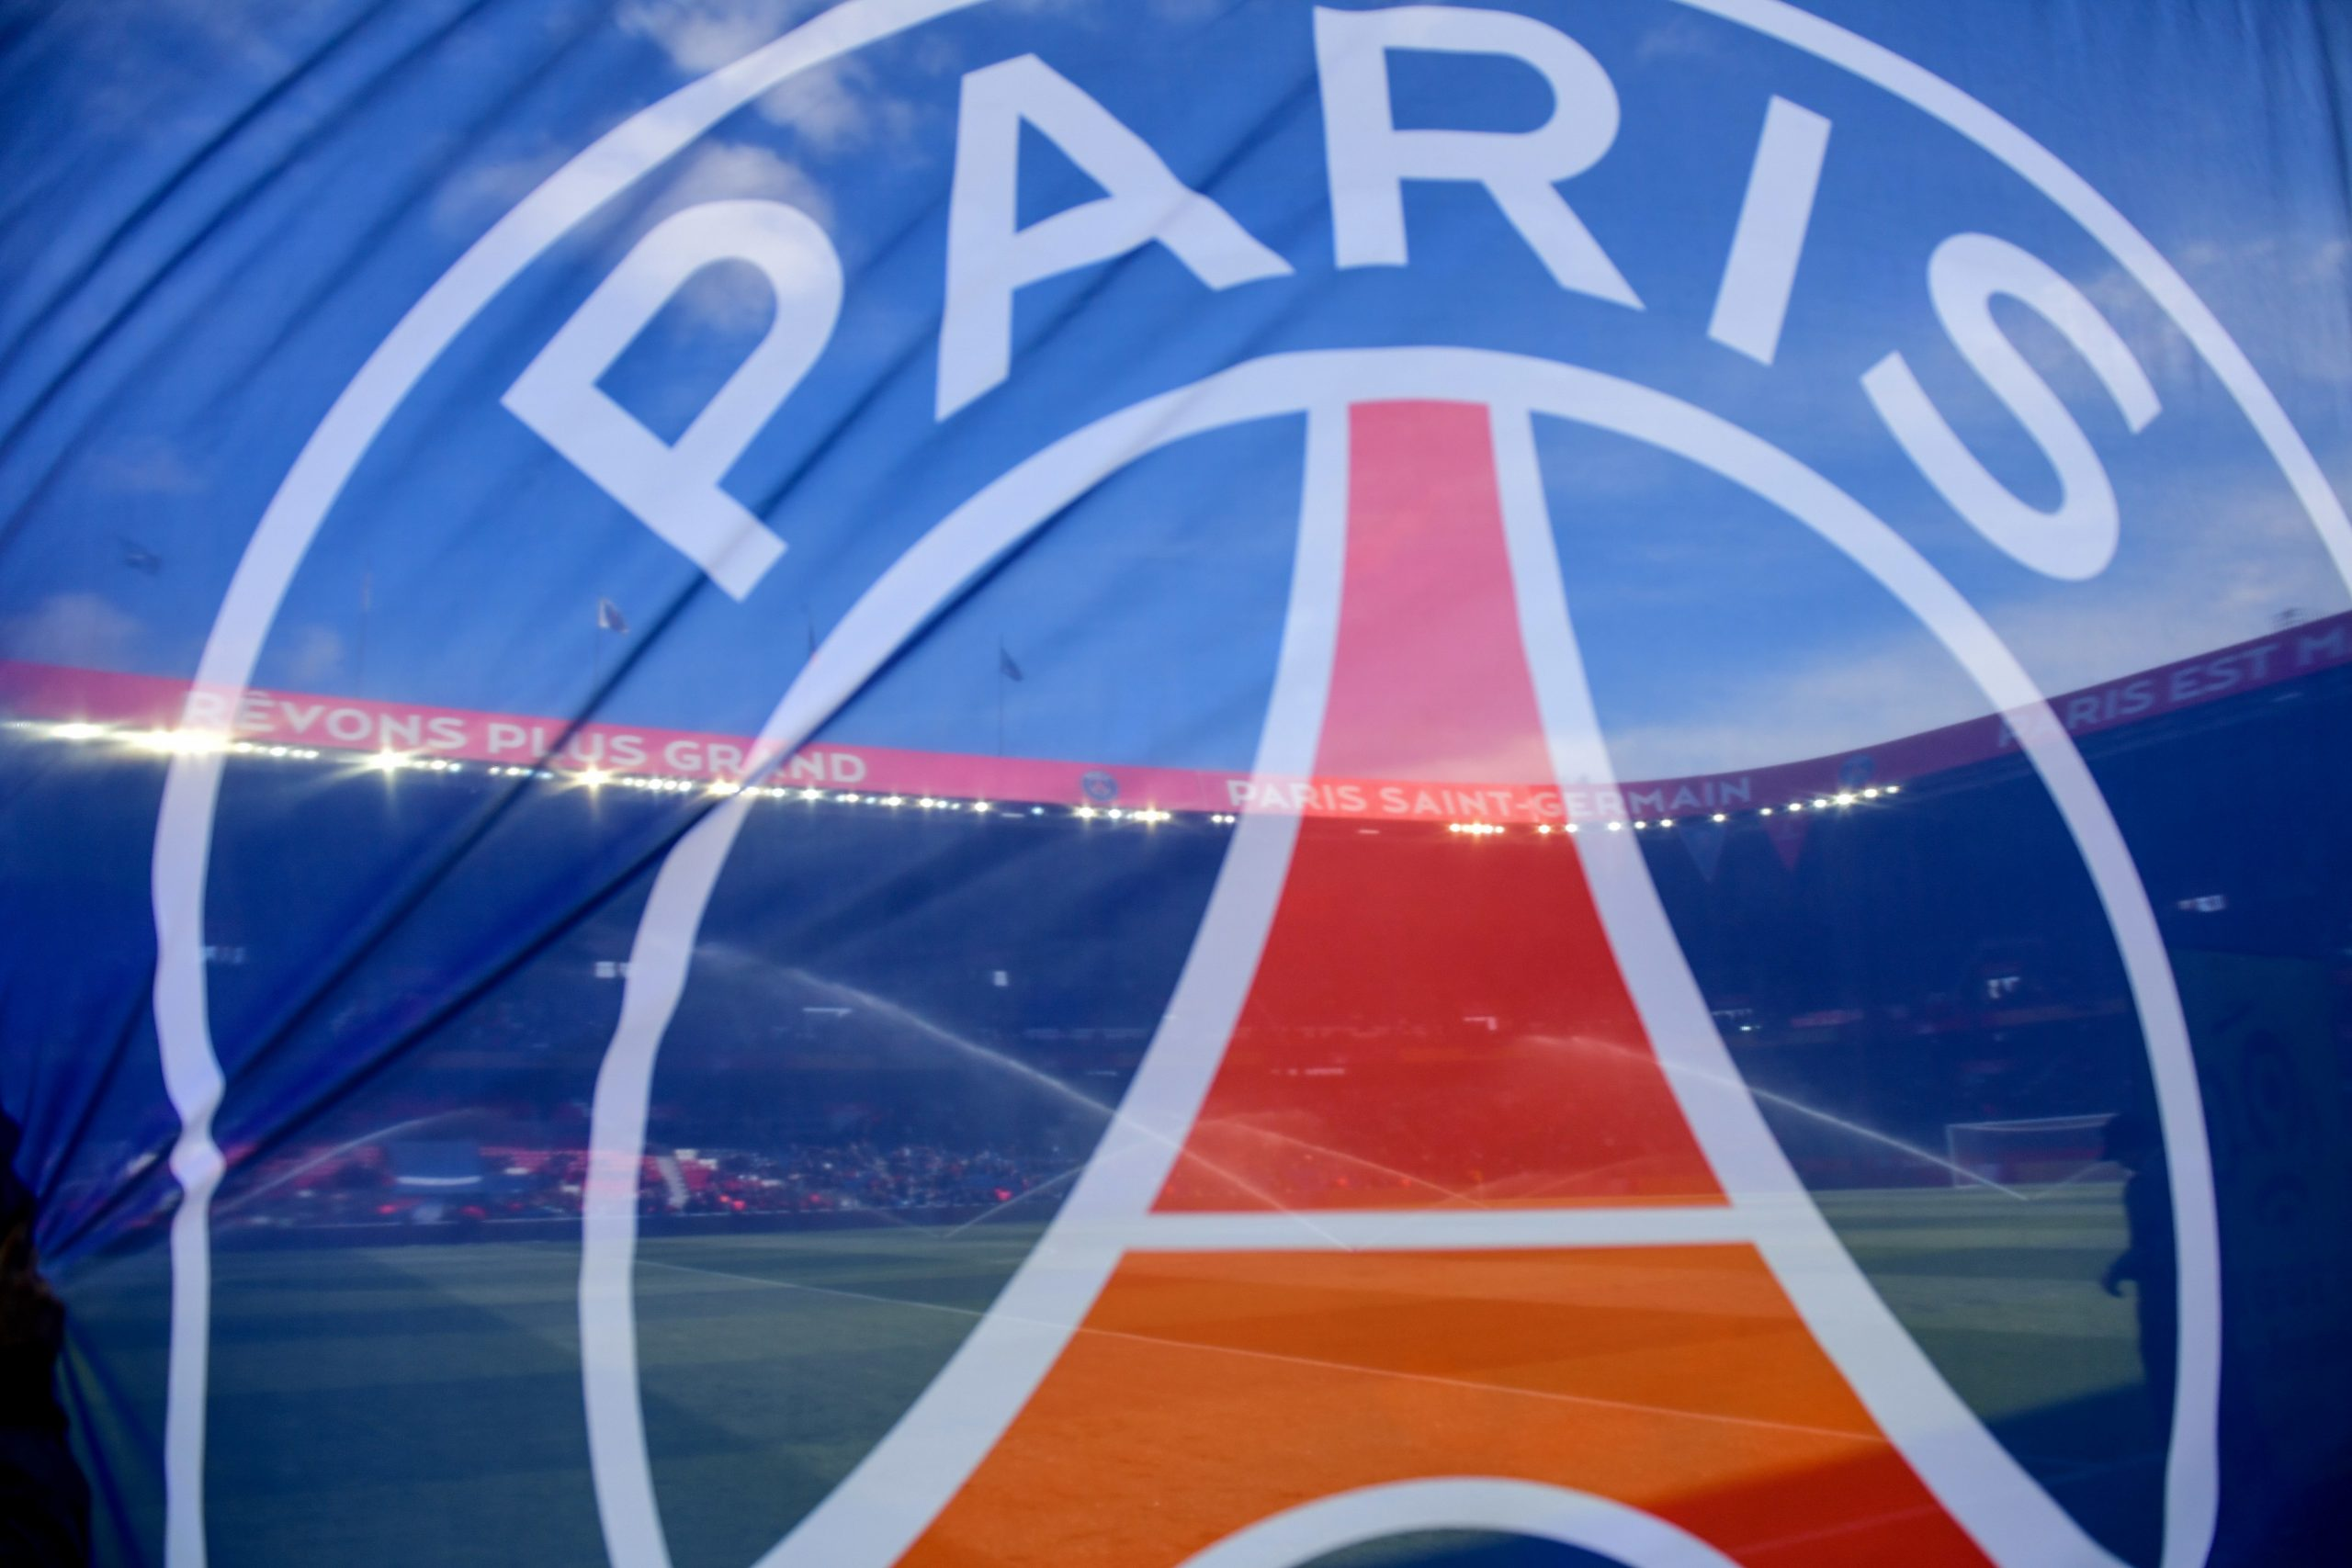 Le PSG passe au chômage technique ou partiel, annonce L'Equipe